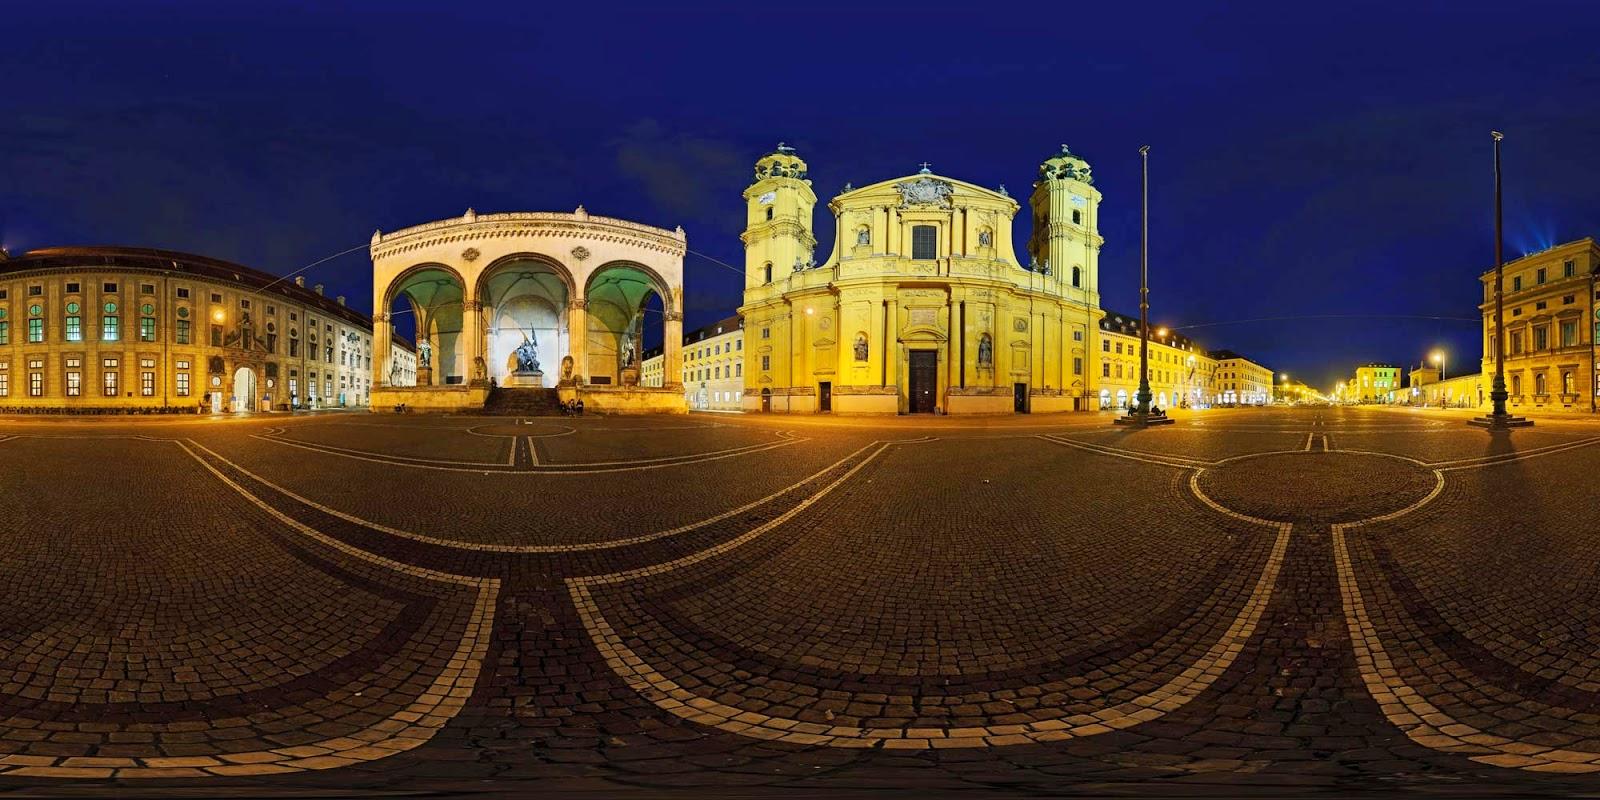 München Odeonsplatz